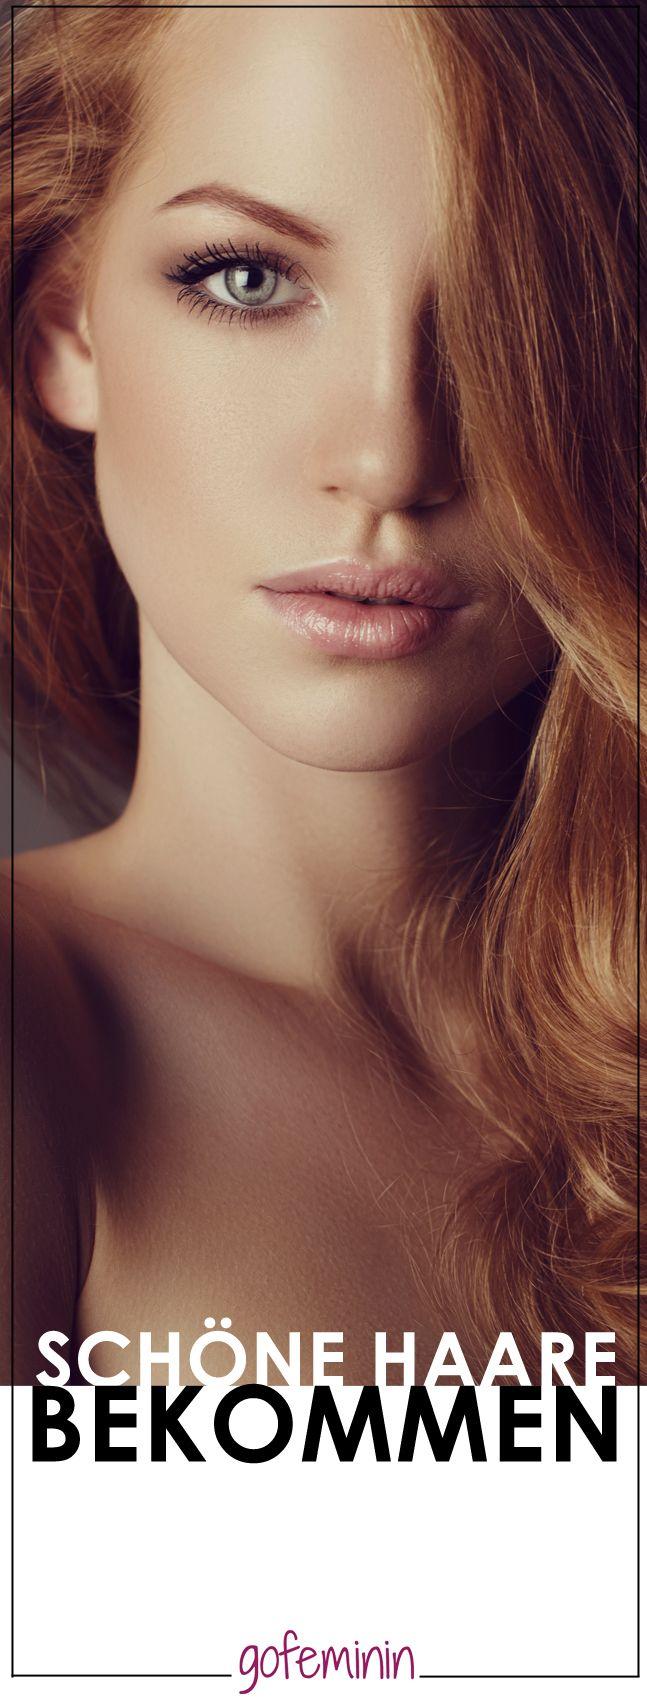 Endlich schöne Haare! 19 Tipps, die einfach genial sind! Jetzt auf gofeminin.de  #gofeminin #hair #beauty